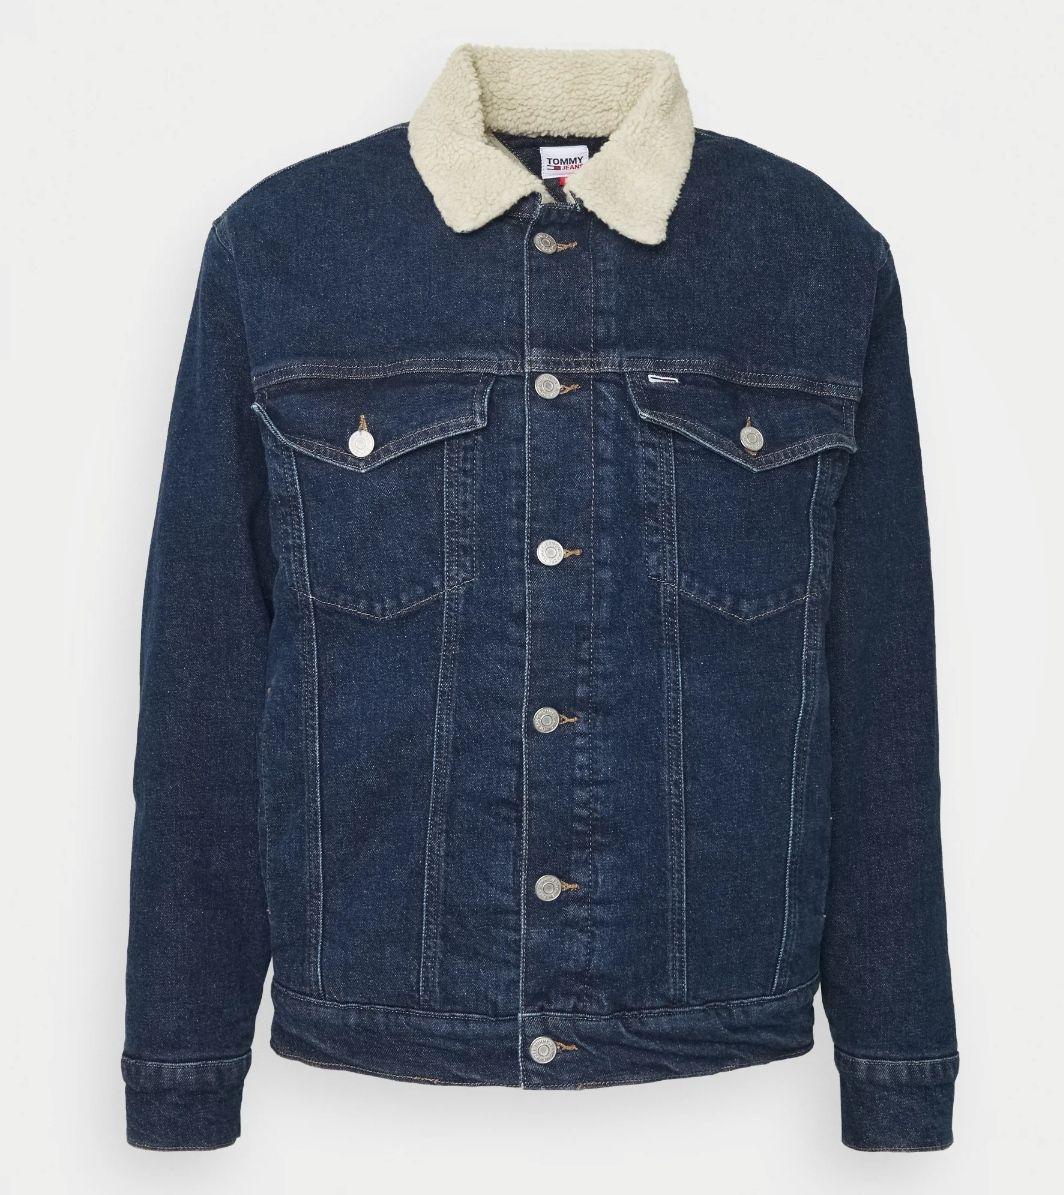 Tommy Jeans OVERSIZE SHERPA - Kurtka jeansowa (Tommy Hilfiger)